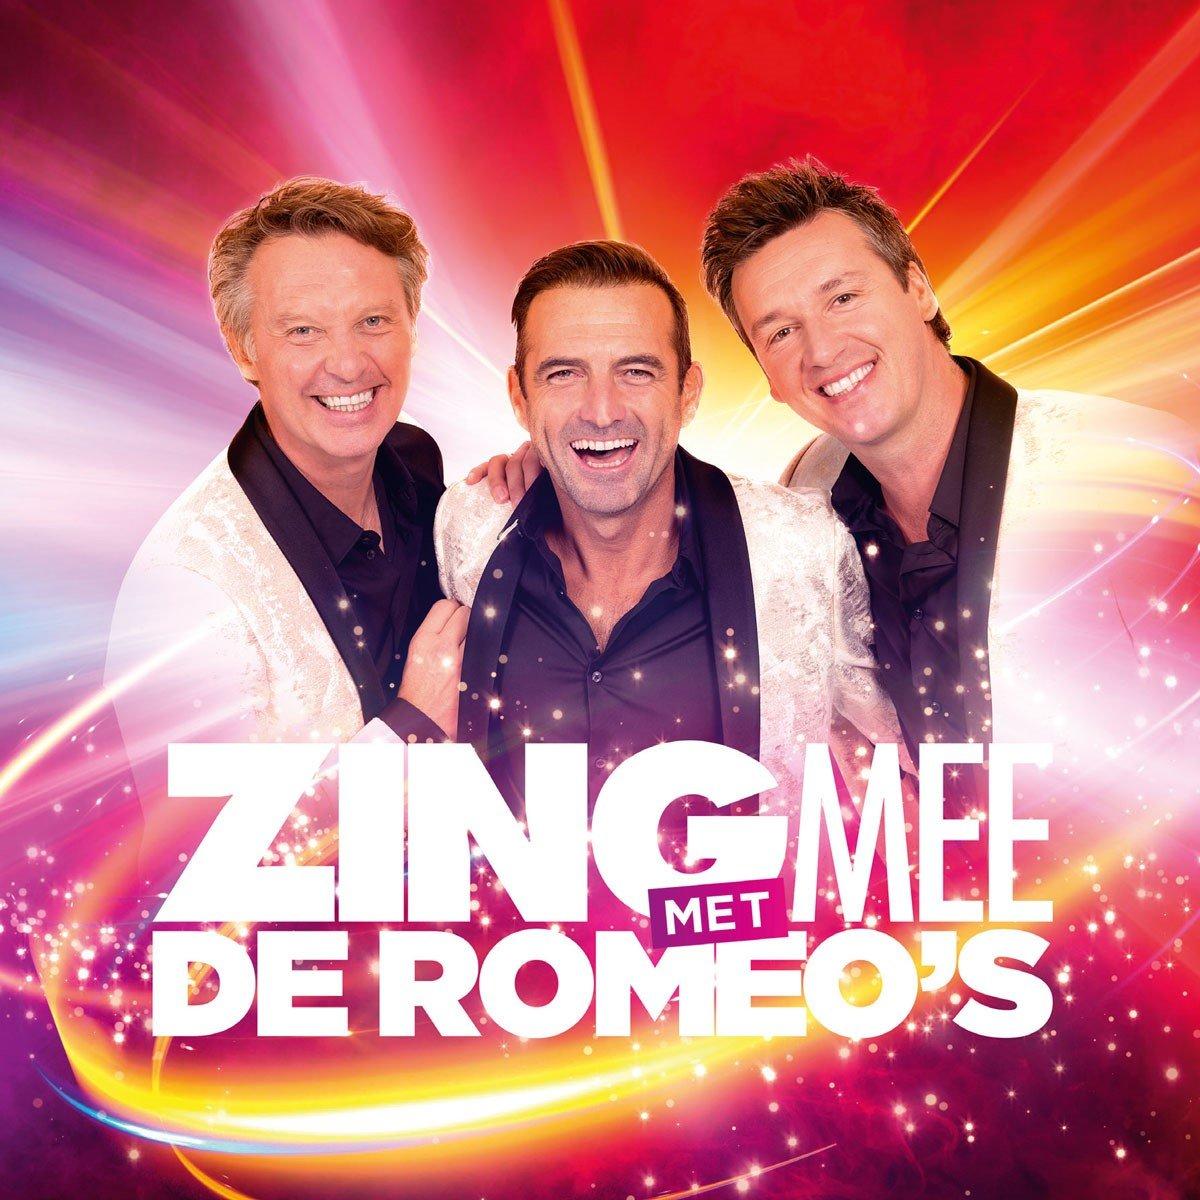 Wie zingt er in Hasselt en Oostende mee met De Romeo's? - zing mee met de Romeos 1